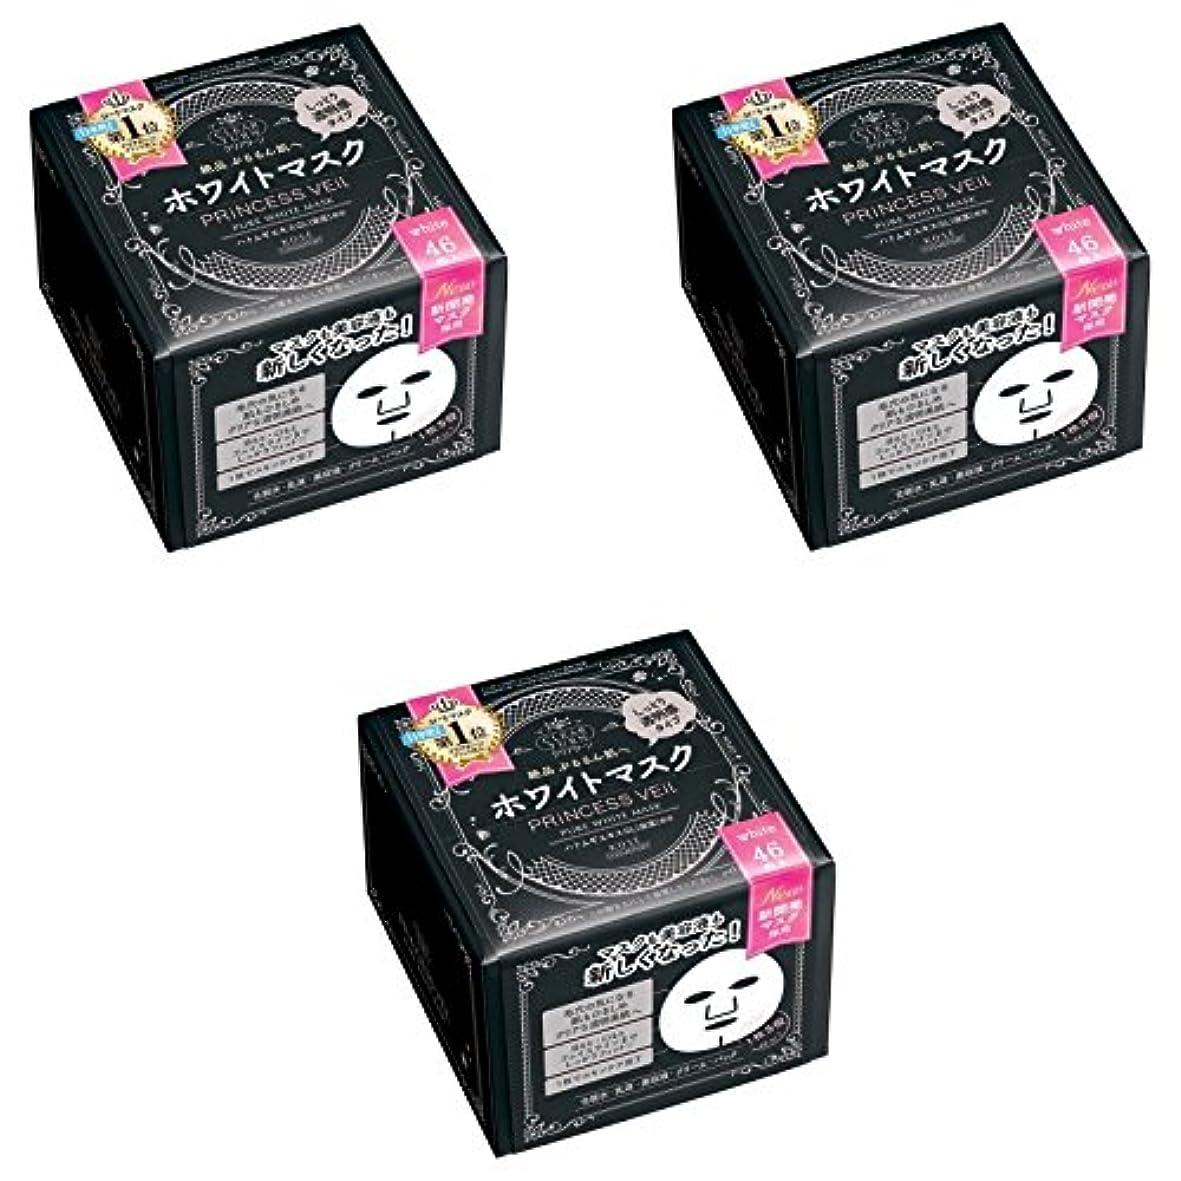 【まとめ買い】KOSE クリアターン プリンセスヴェール ピュアホワイト マスク 46枚入【×3個】